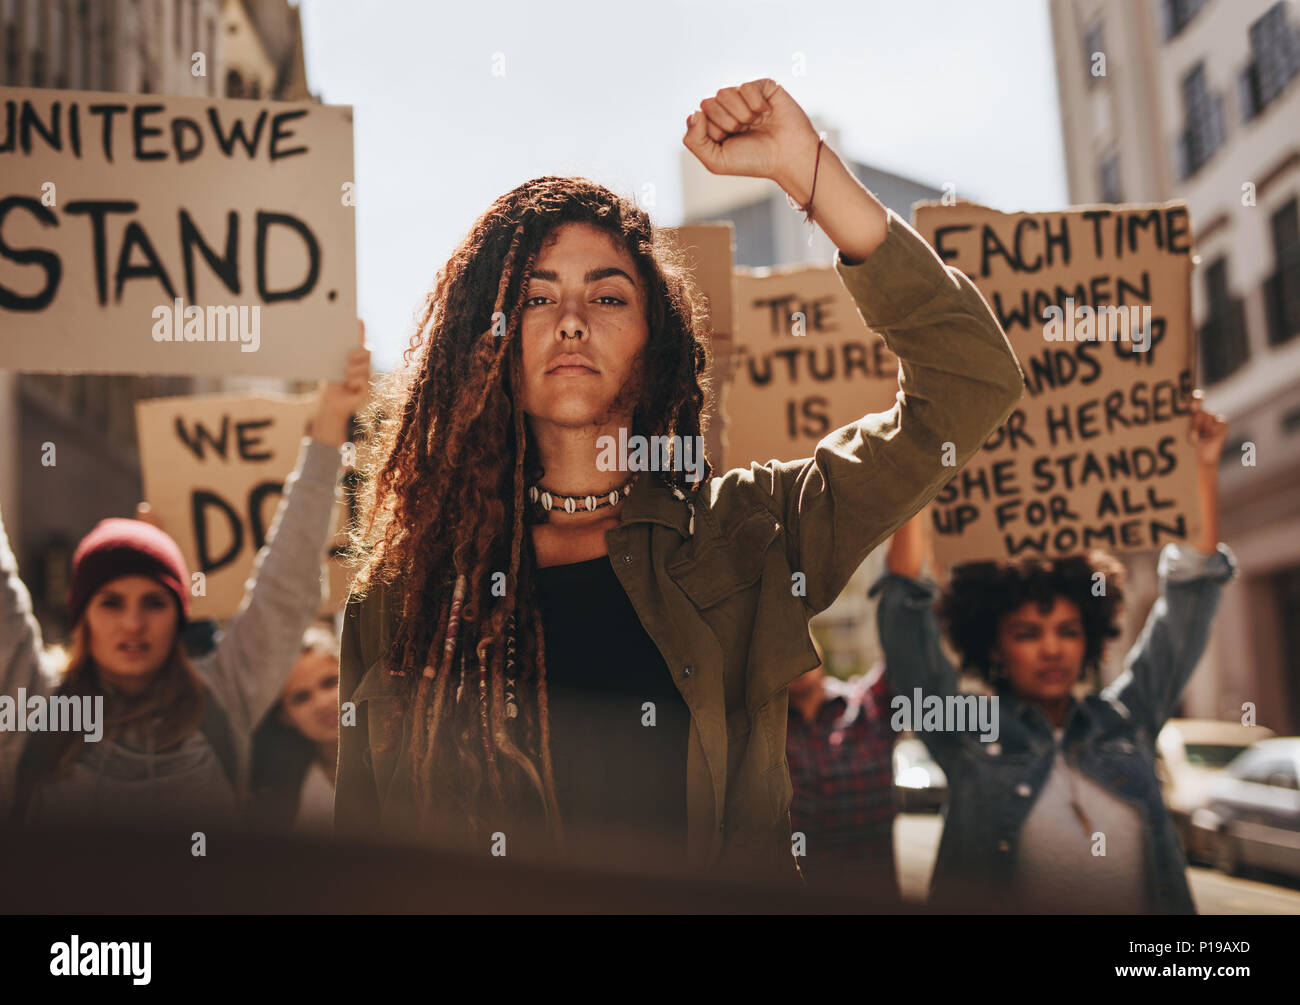 Femme à la tête d'un groupe de manifestants sur la route. Groupe de femmes qui protestaient pour l'égalité et l'autonomisation des femmes. Photo Stock